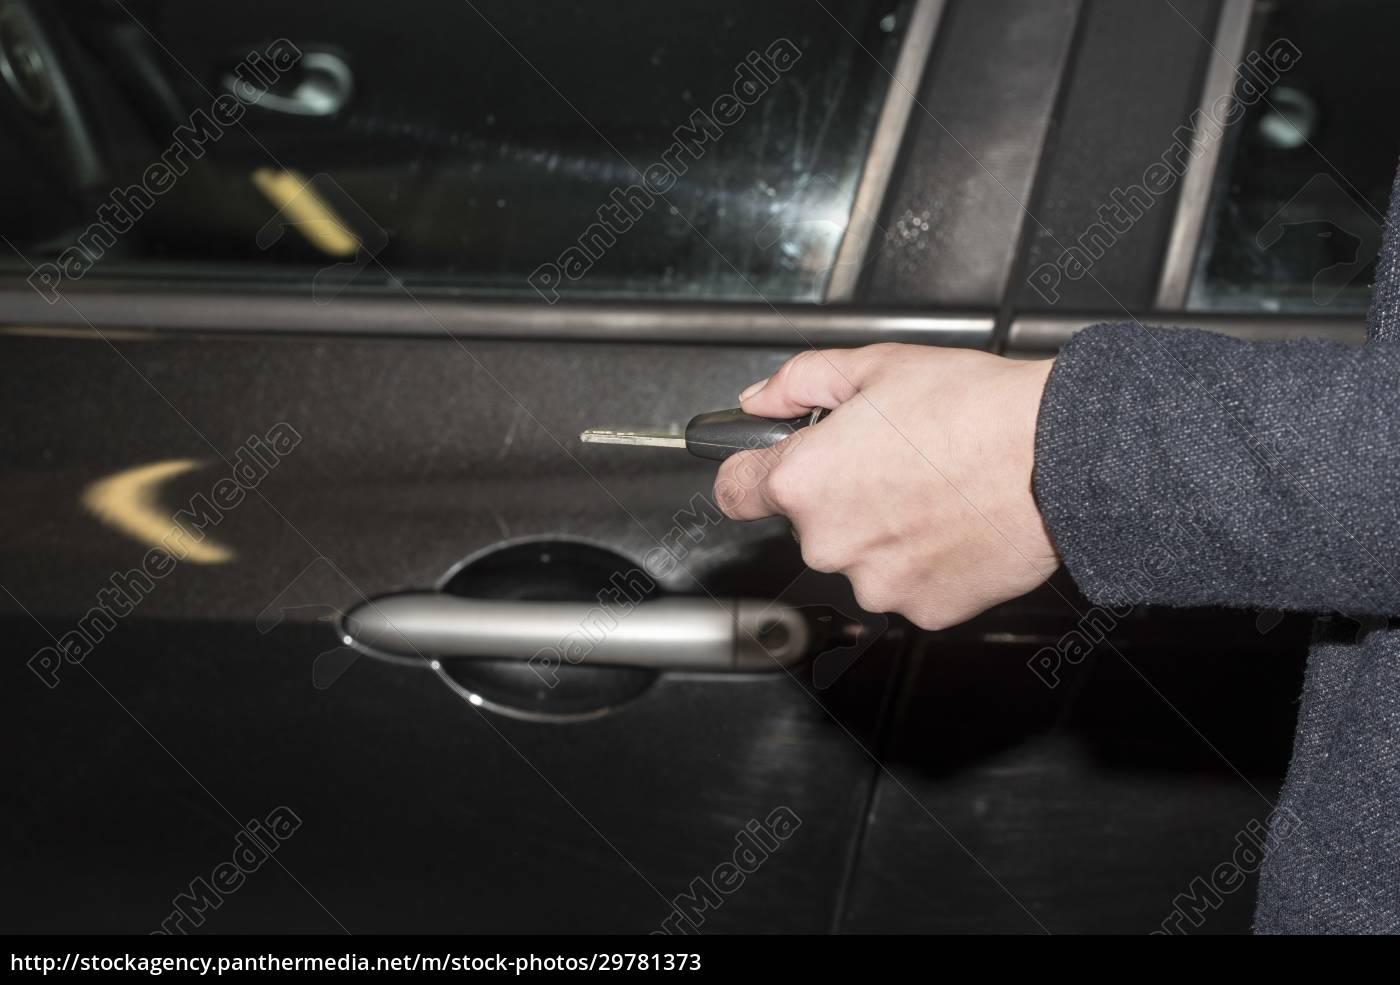 einen, autoschlüssel, zum, verriegeln, und, Öffnen - 29781373